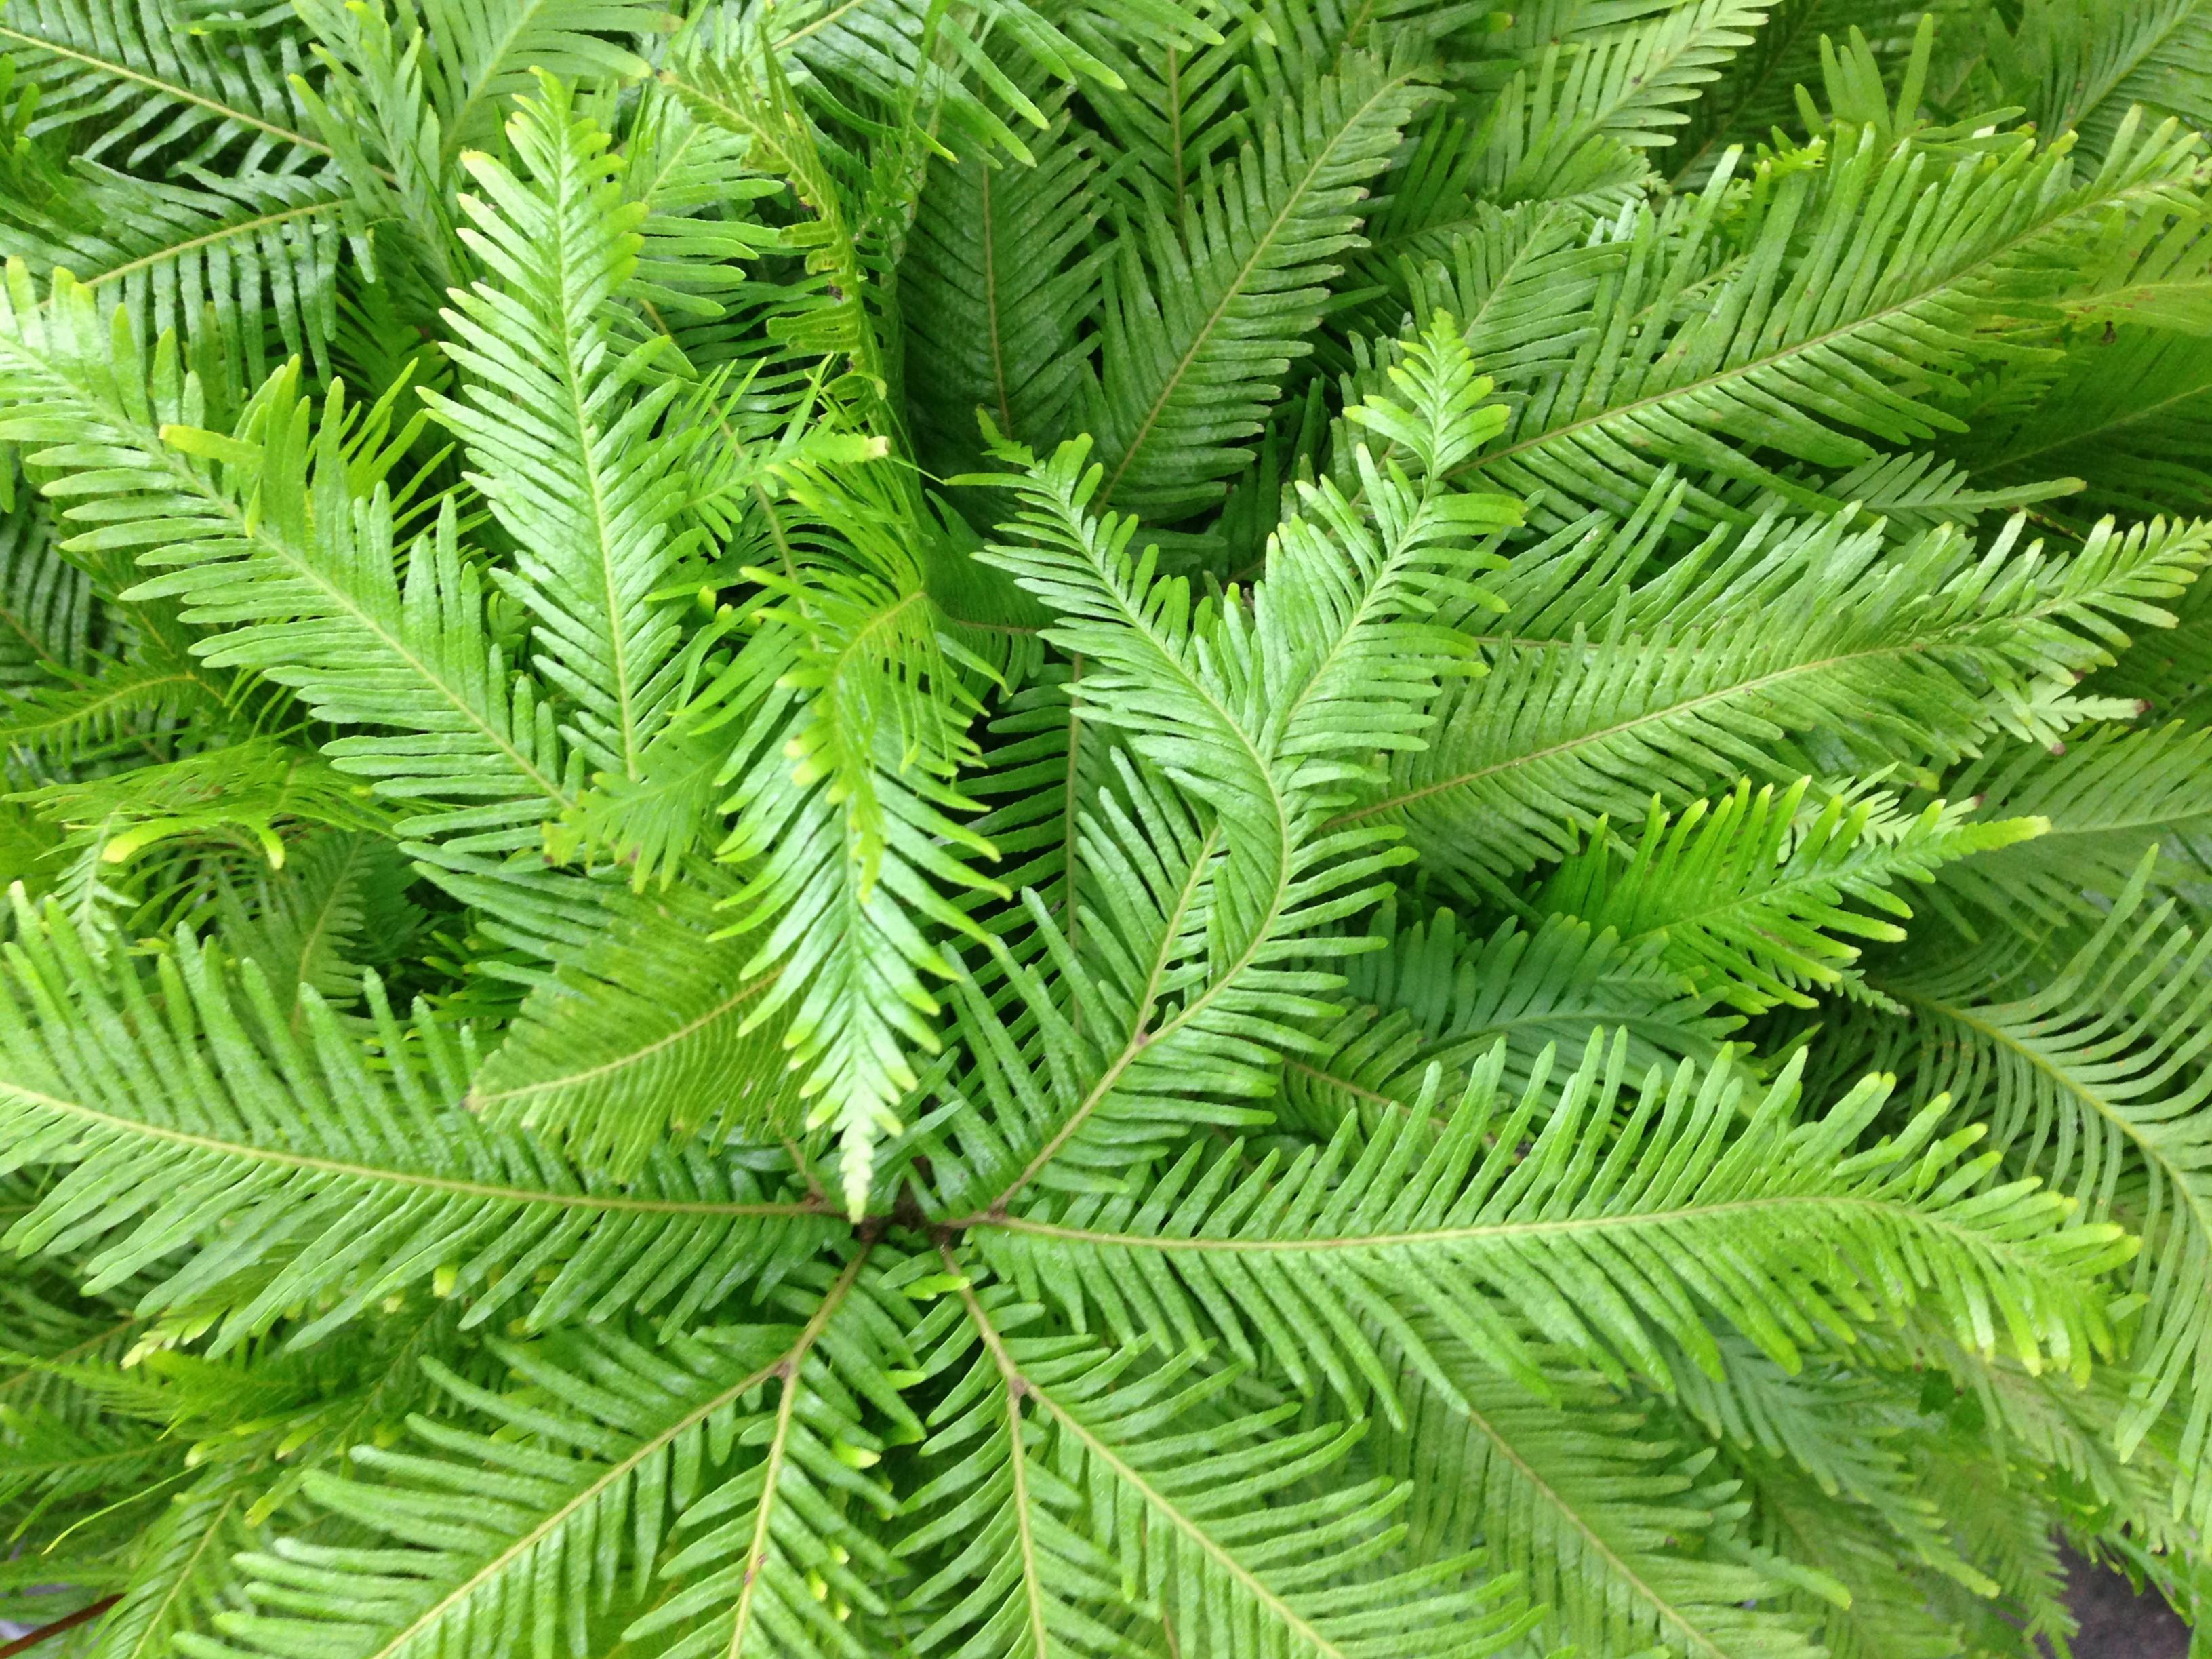 Latest trend in garden design ferns janna schreier for Latest garden design